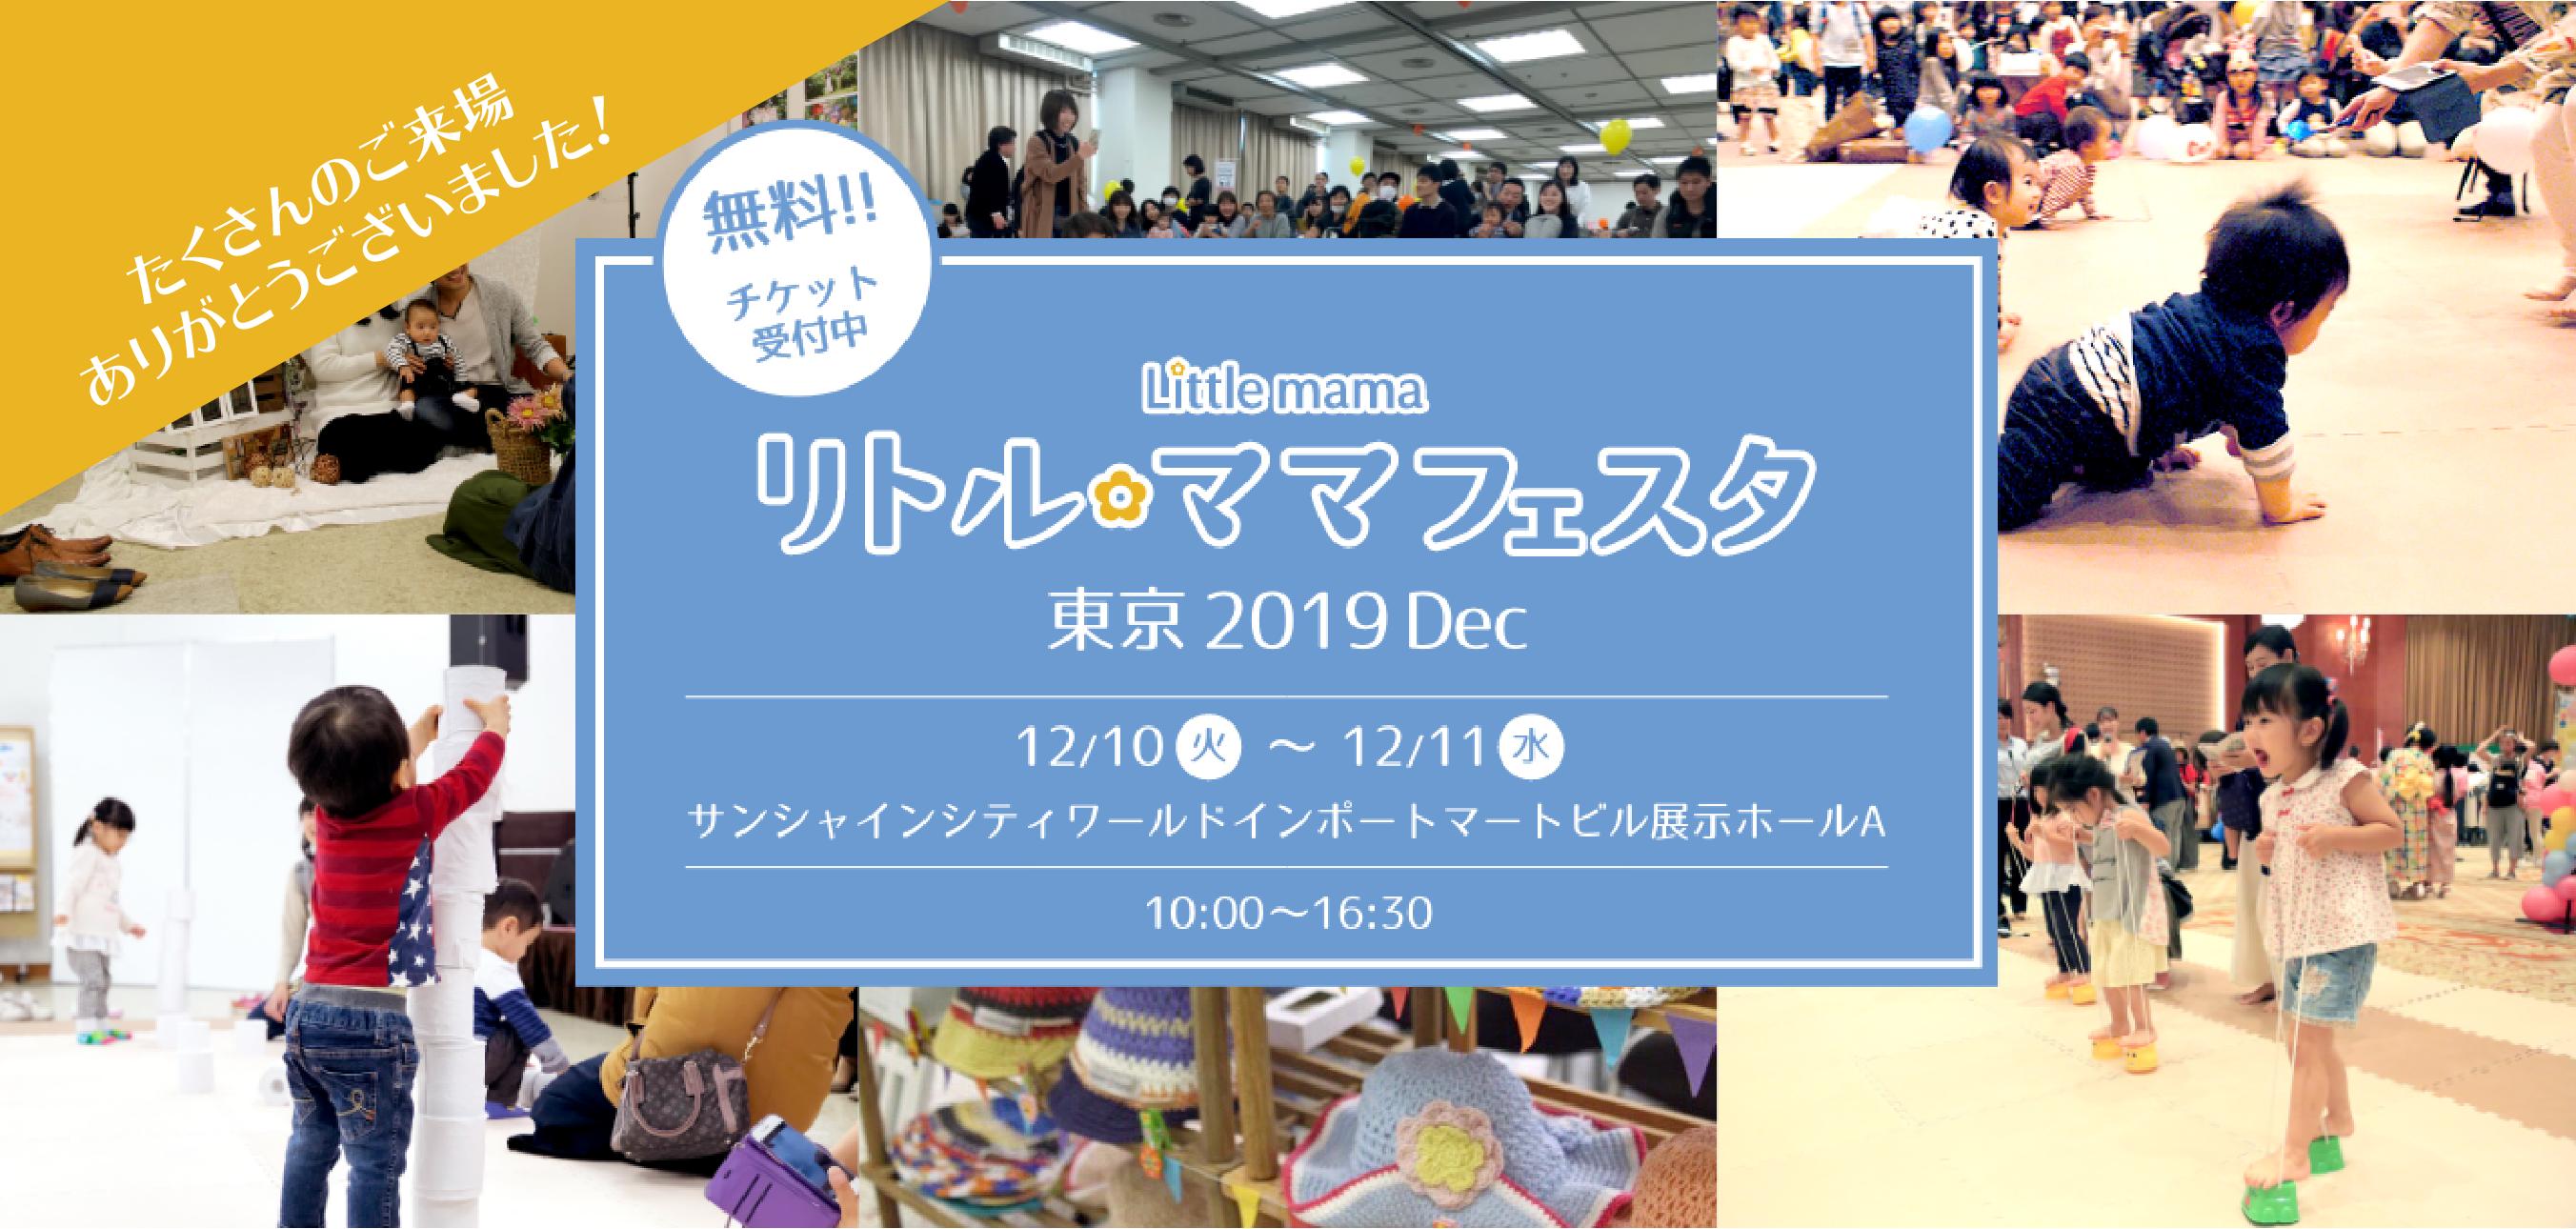 リトル・ママフェスタ東京2019Dec